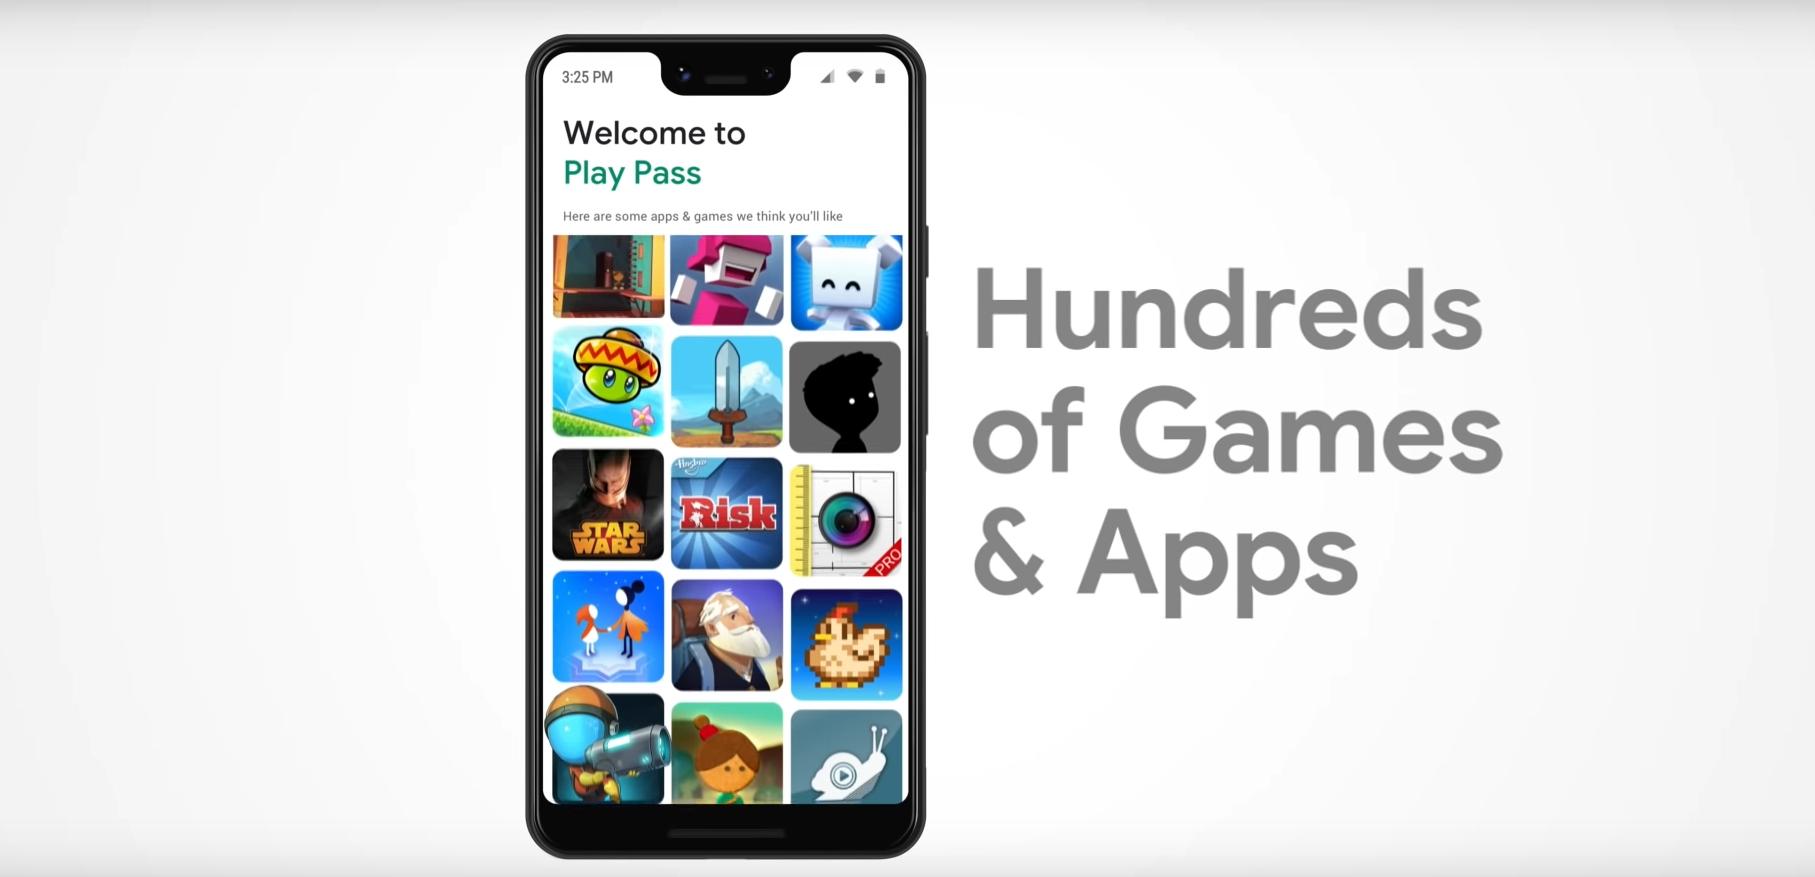 Google Play Pass, đây là dịch vụ đăng ký cho các trò chơi và ứng dụng 2